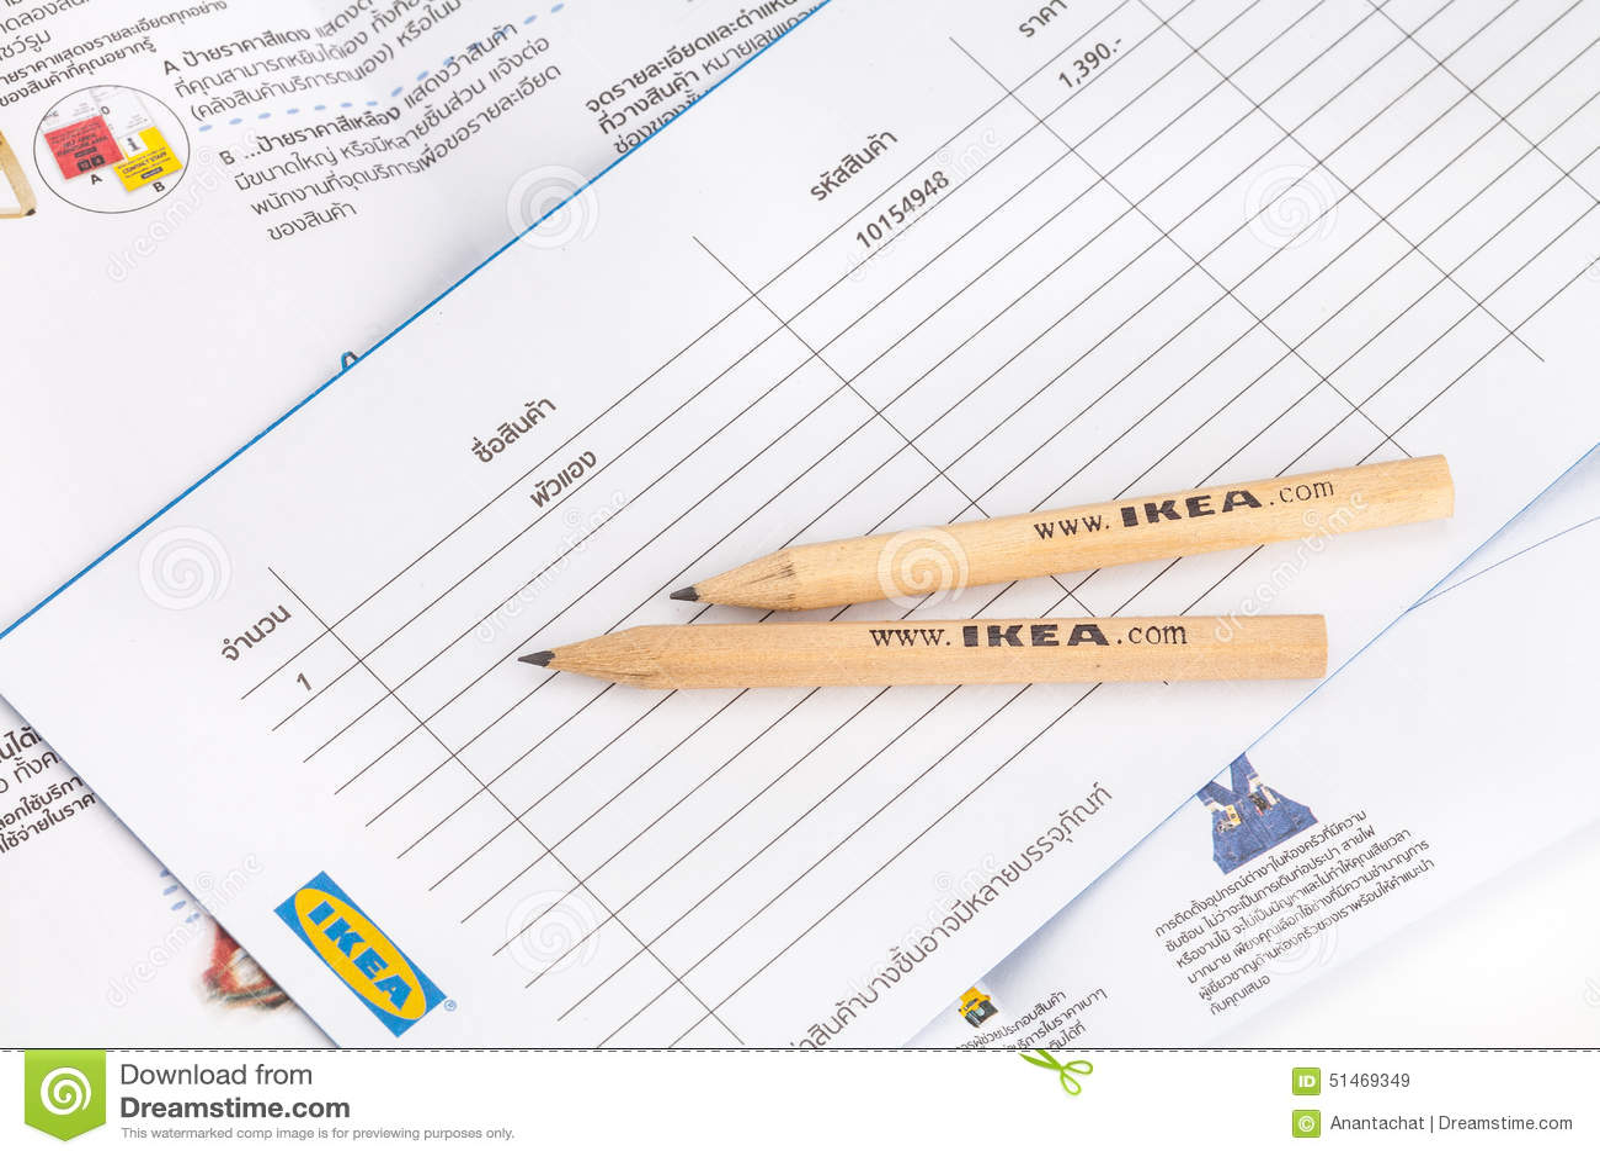 Ikea disegnano a matita e la lista di acquisto immagine stock editoriale immagine 51469349 - Acquisto on line ikea ...